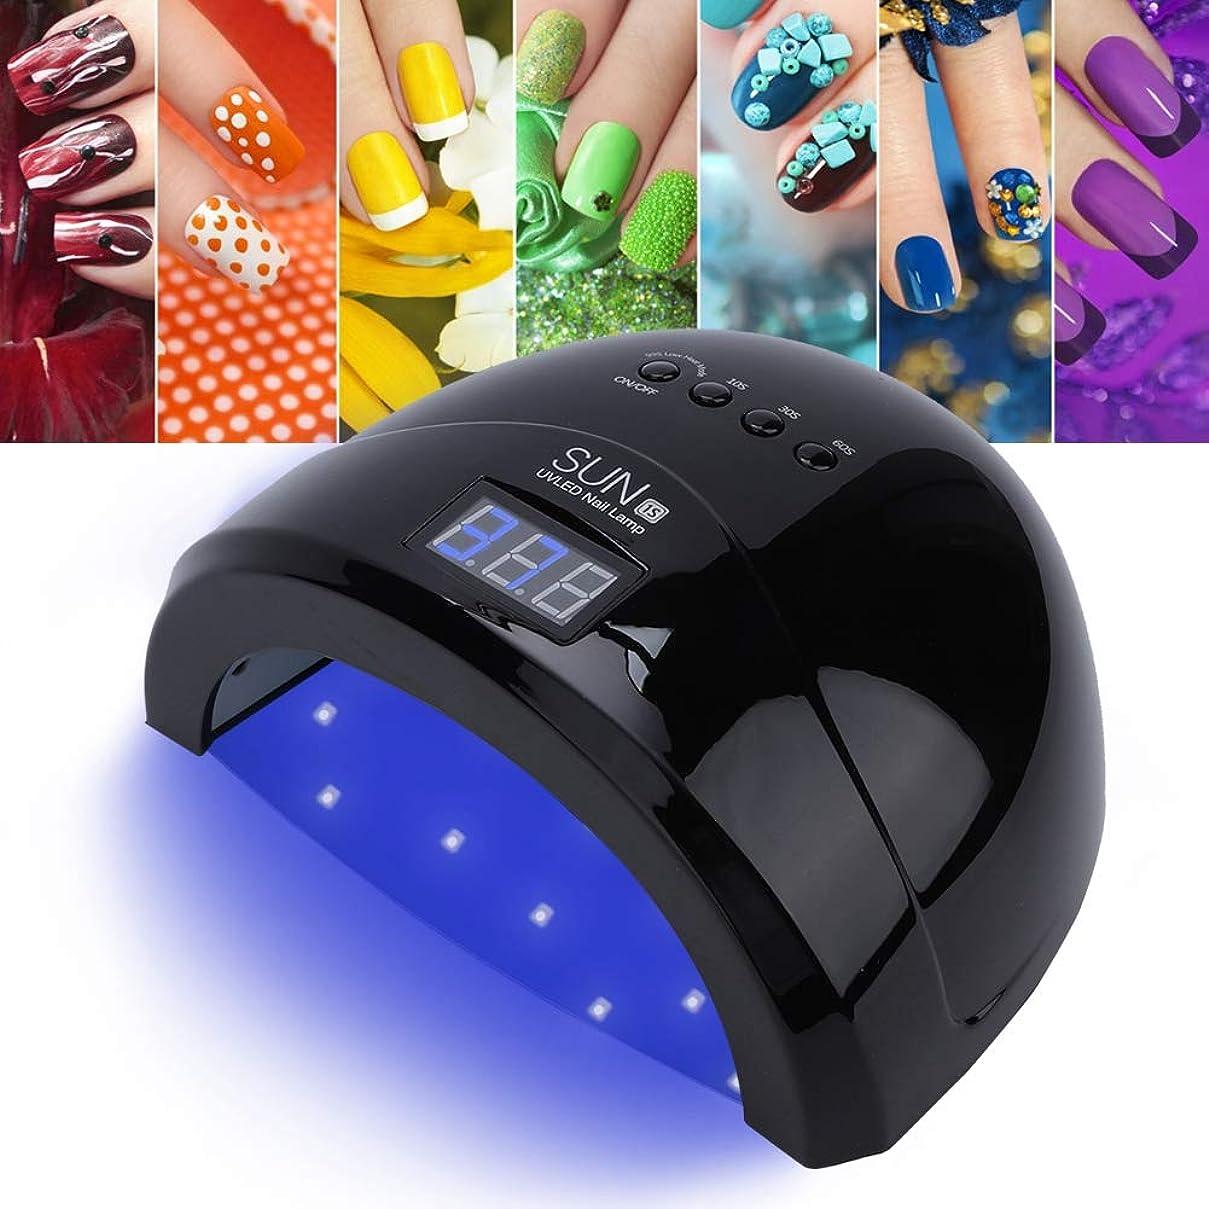 支店交換可能スリップシューズ48Wランプネイルドライヤー、UV LEDデュアル光源ジェルポリッシュランプ、マニキュアキュアリングネイルポリッシュ乾燥用のタイミングセット付き(01)